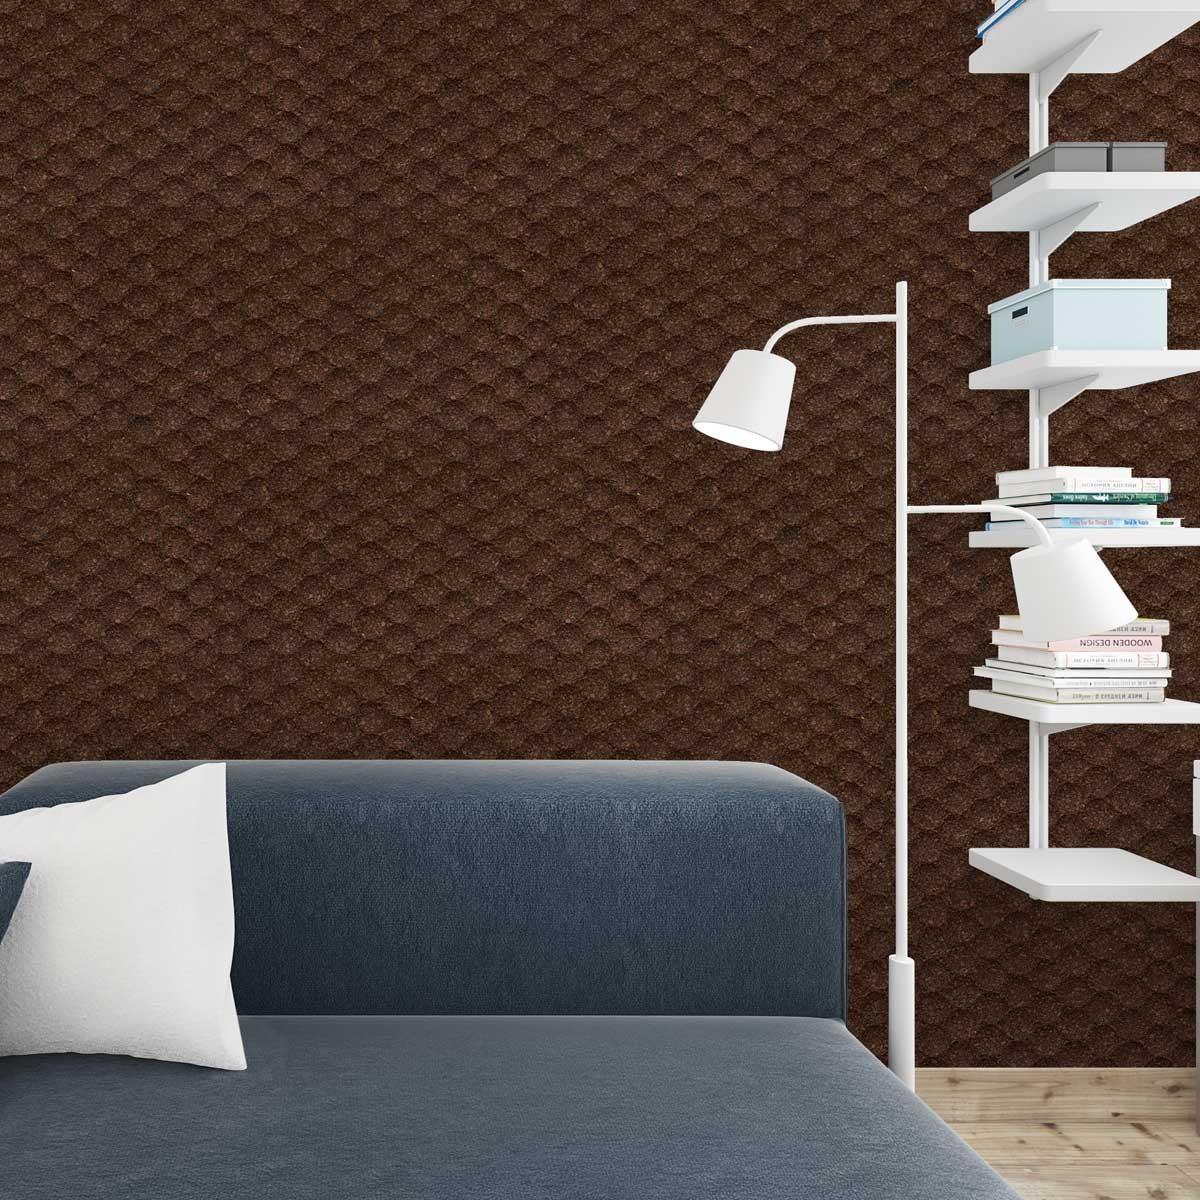 Rivestimento naturale fonoassorbente 3d pareti in sughero decorativo - Rivestimento decorativo pareti ...